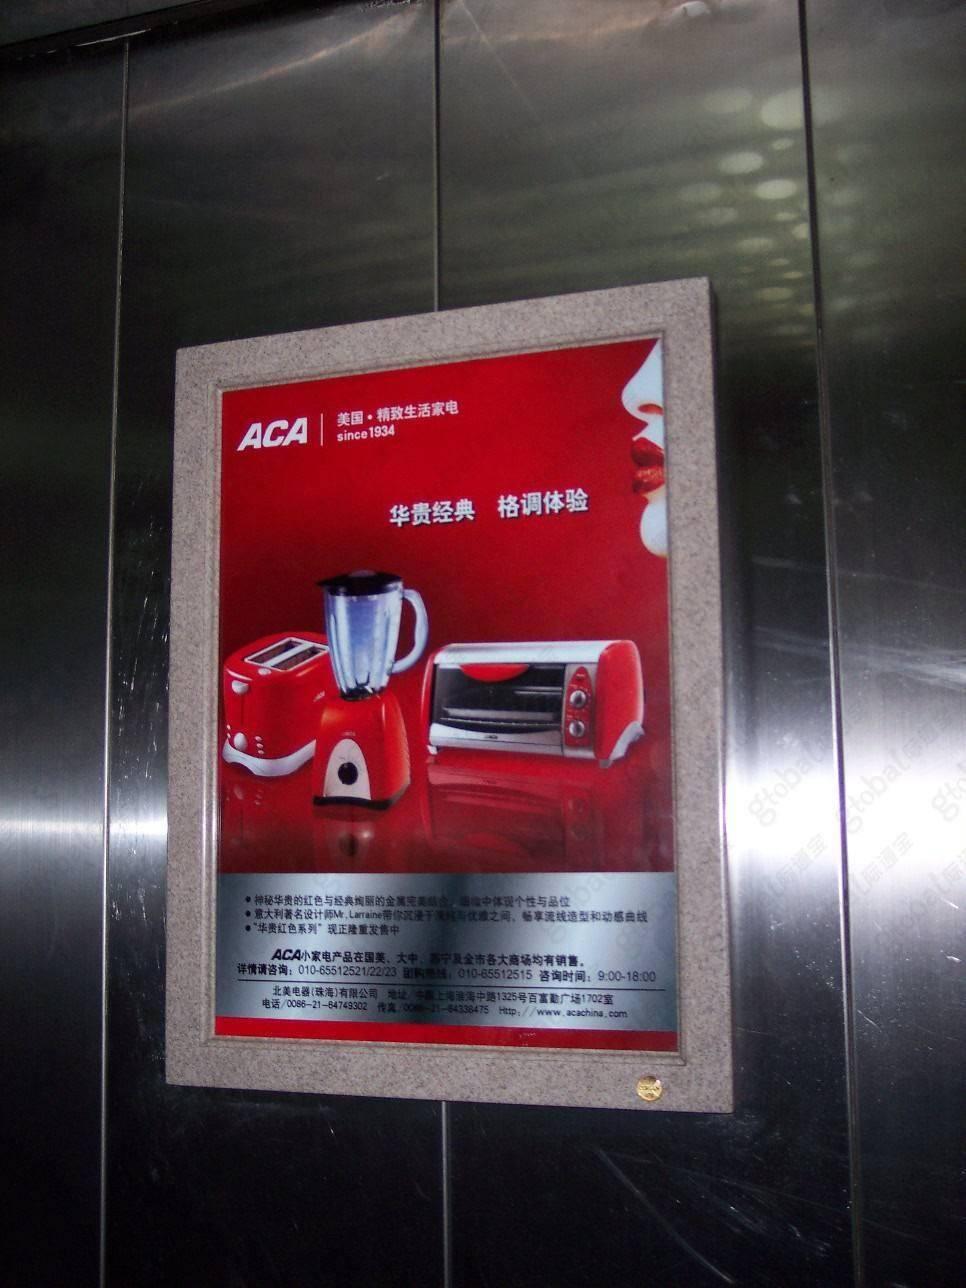 赣州电梯广告公司广告牌框架3.0投放(100框起投)